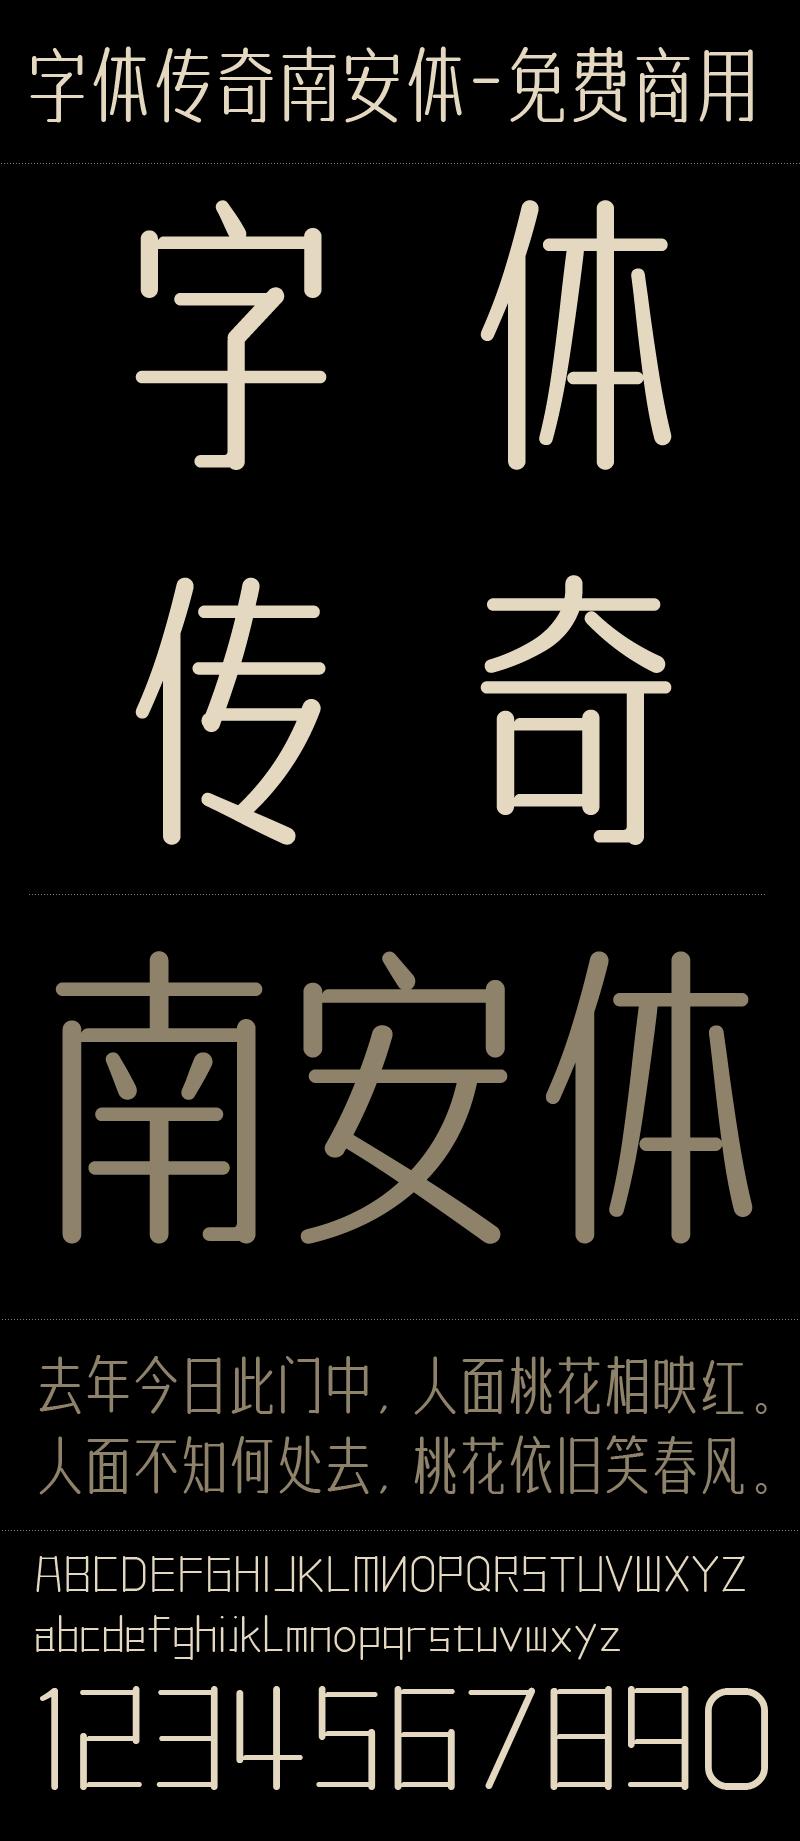 字体传奇南安体-免费商用